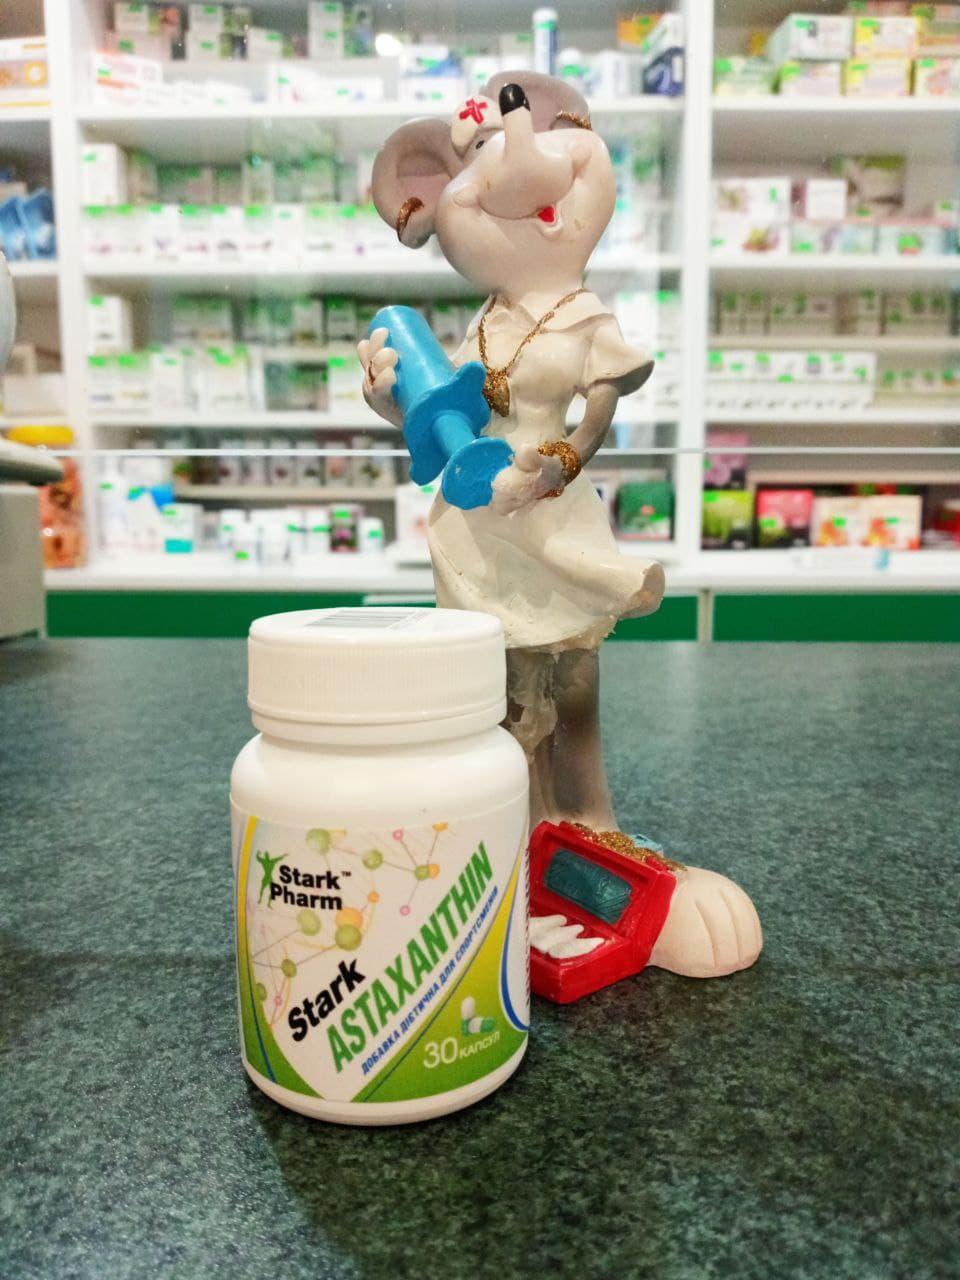 самый сильный антиоксидант Астаксантин для поддержания здоровья сосудов, мозга, глаз, имунной системы и защиты от свободных радикалов